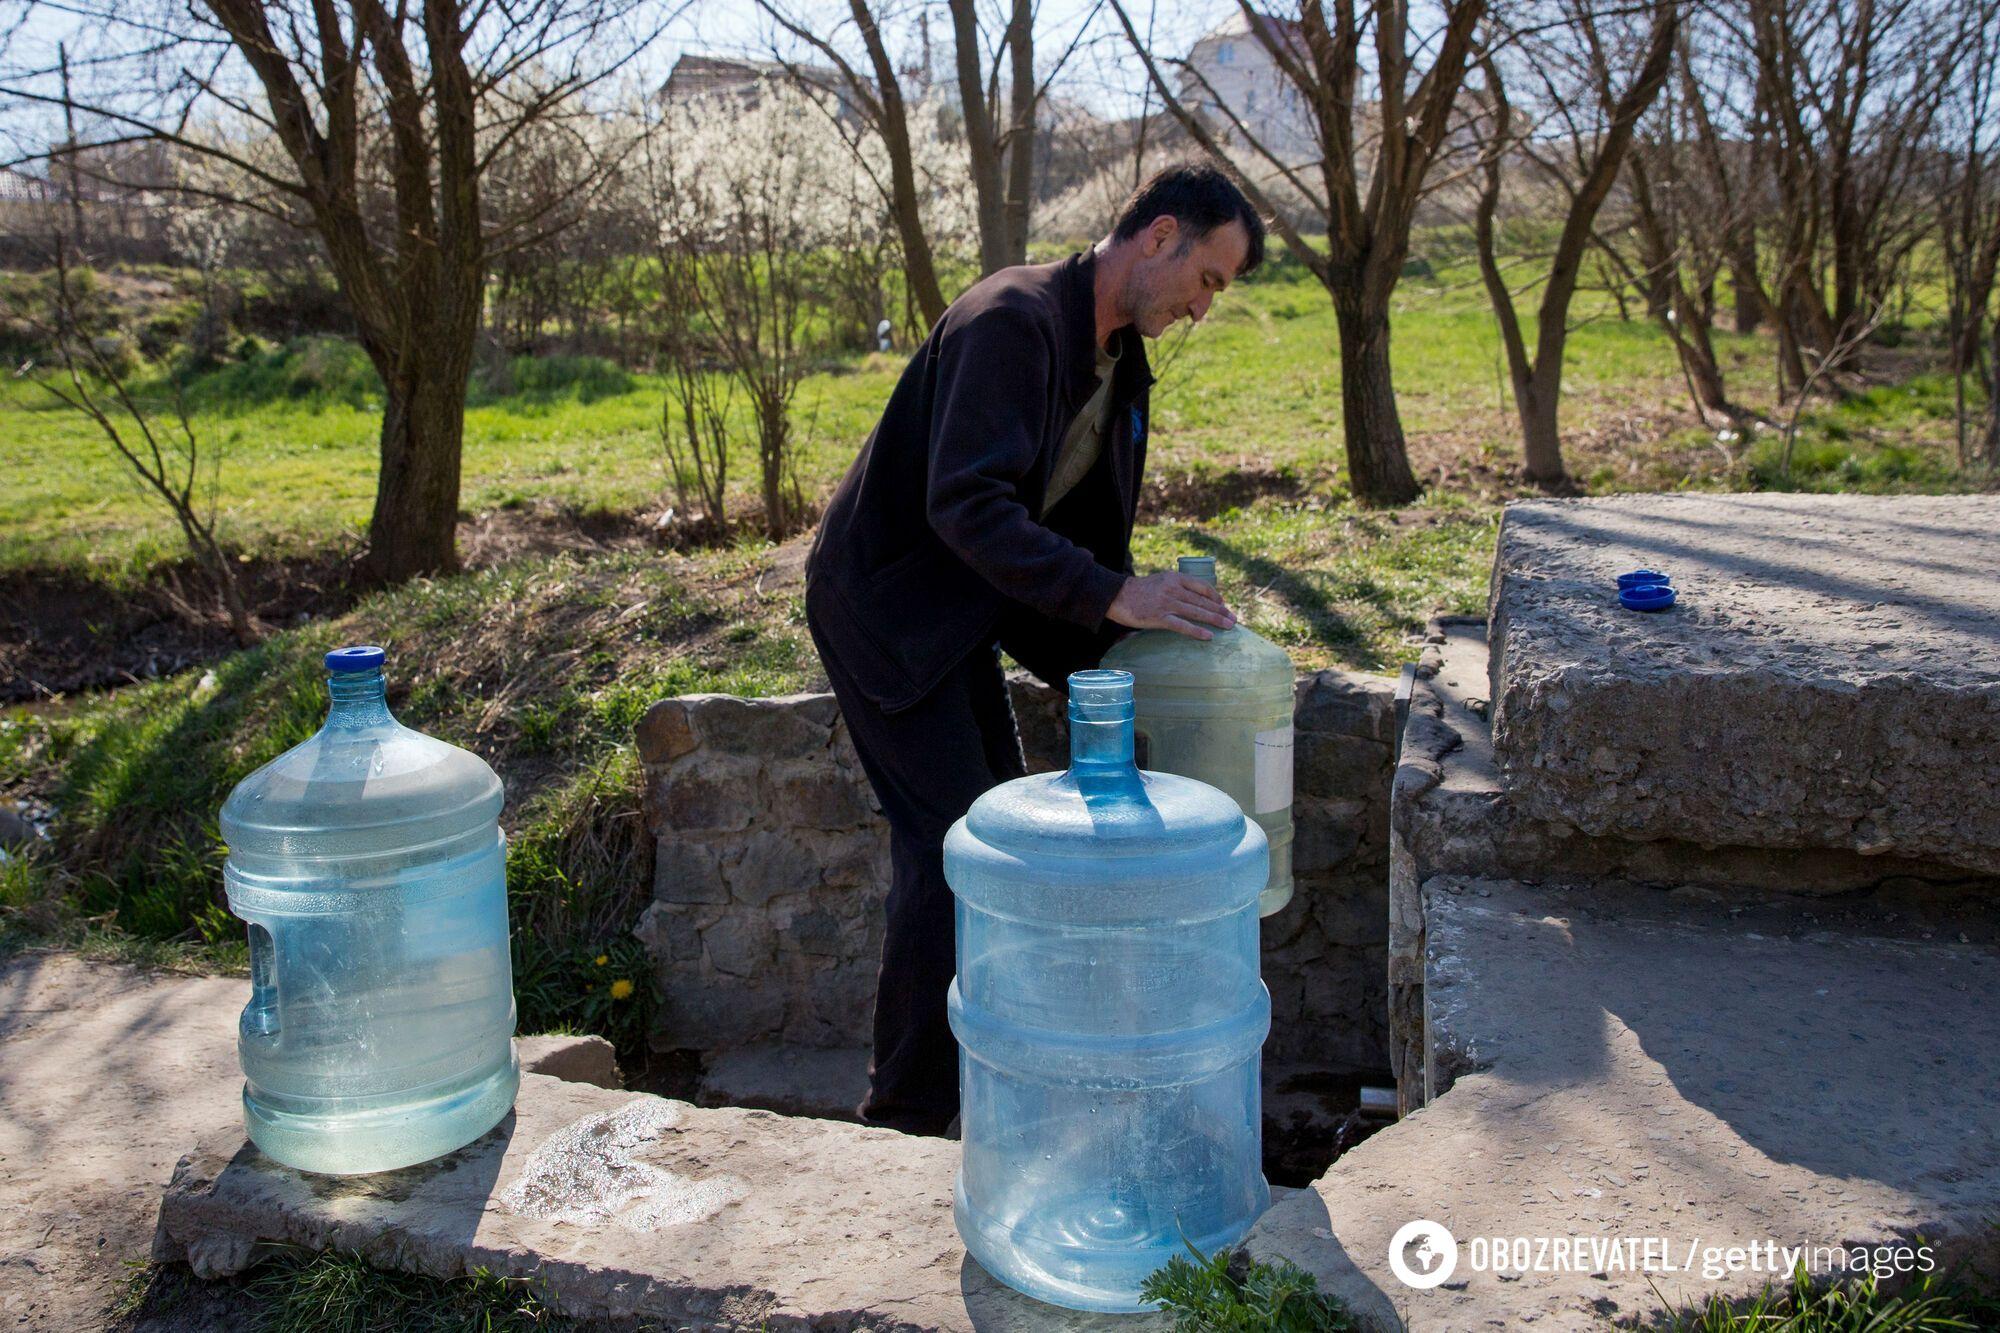 Житель села Курци під Сімферополем набирає воду з джерела – Сімферопольське водосховище опускається через висихання малих річок